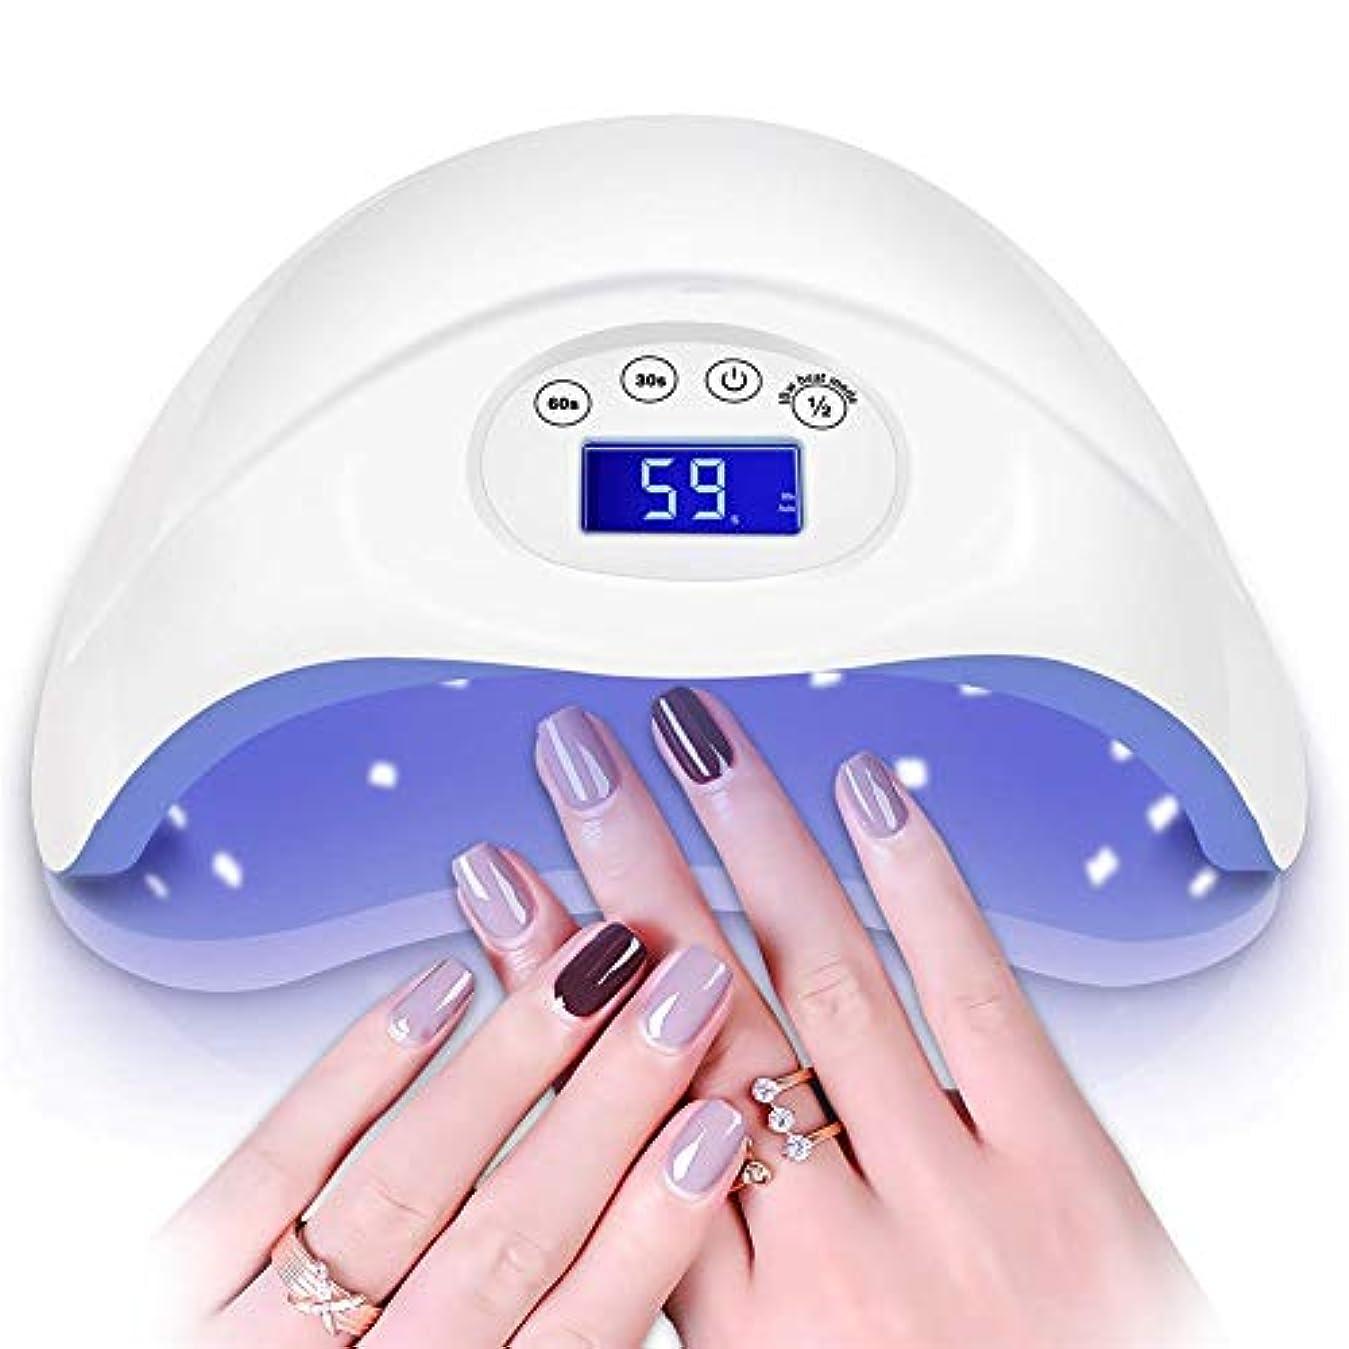 補償ゼリー投げる48W UVネイルランプ、自動センサーと爪または足の爪用のスイッチを備えたネイルドライヤー、ジェルネイル用のプロフェッショナルUVライト、サロンまたはネイル愛好家向けのタイマー設定